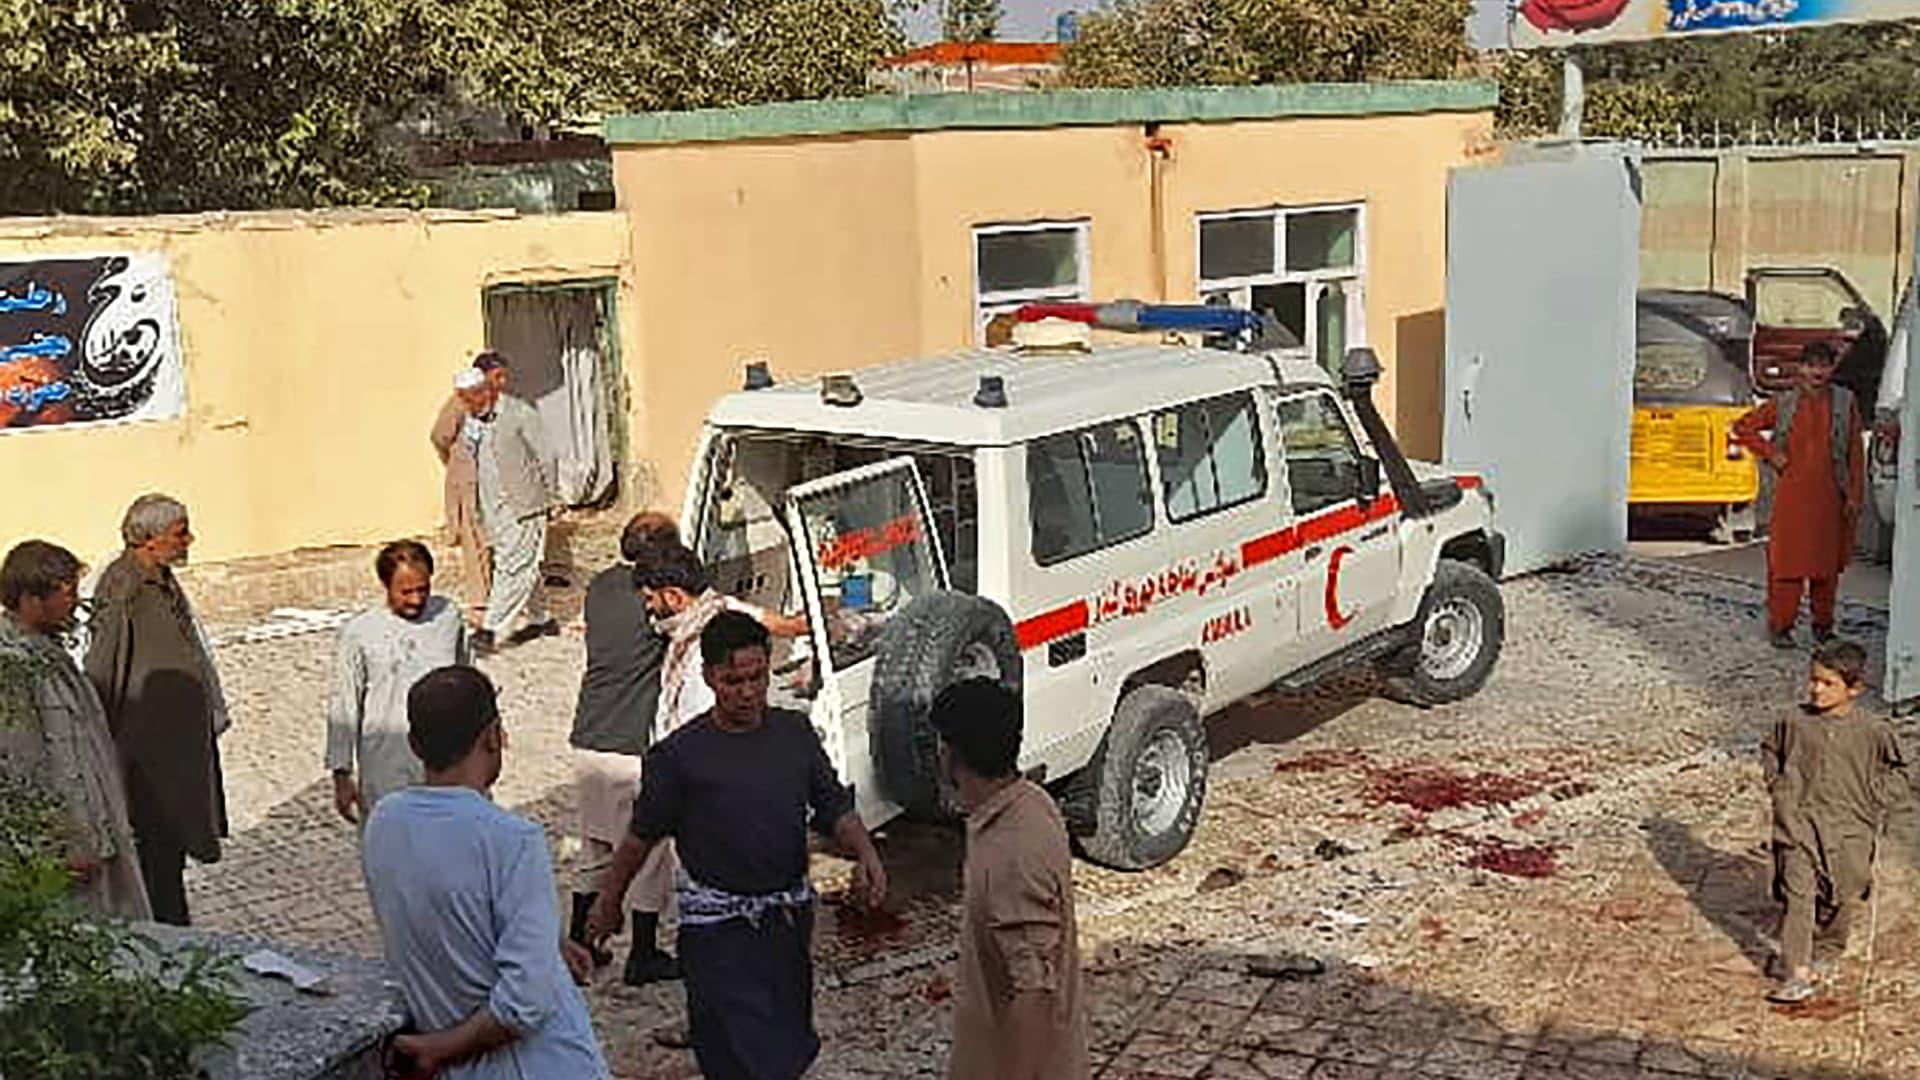 رجال أفغان يقفون بجوار سيارة إسعاف بعد هجوم بقنبلة على مسجد في قندوز، في 8 أكتوبر 2021